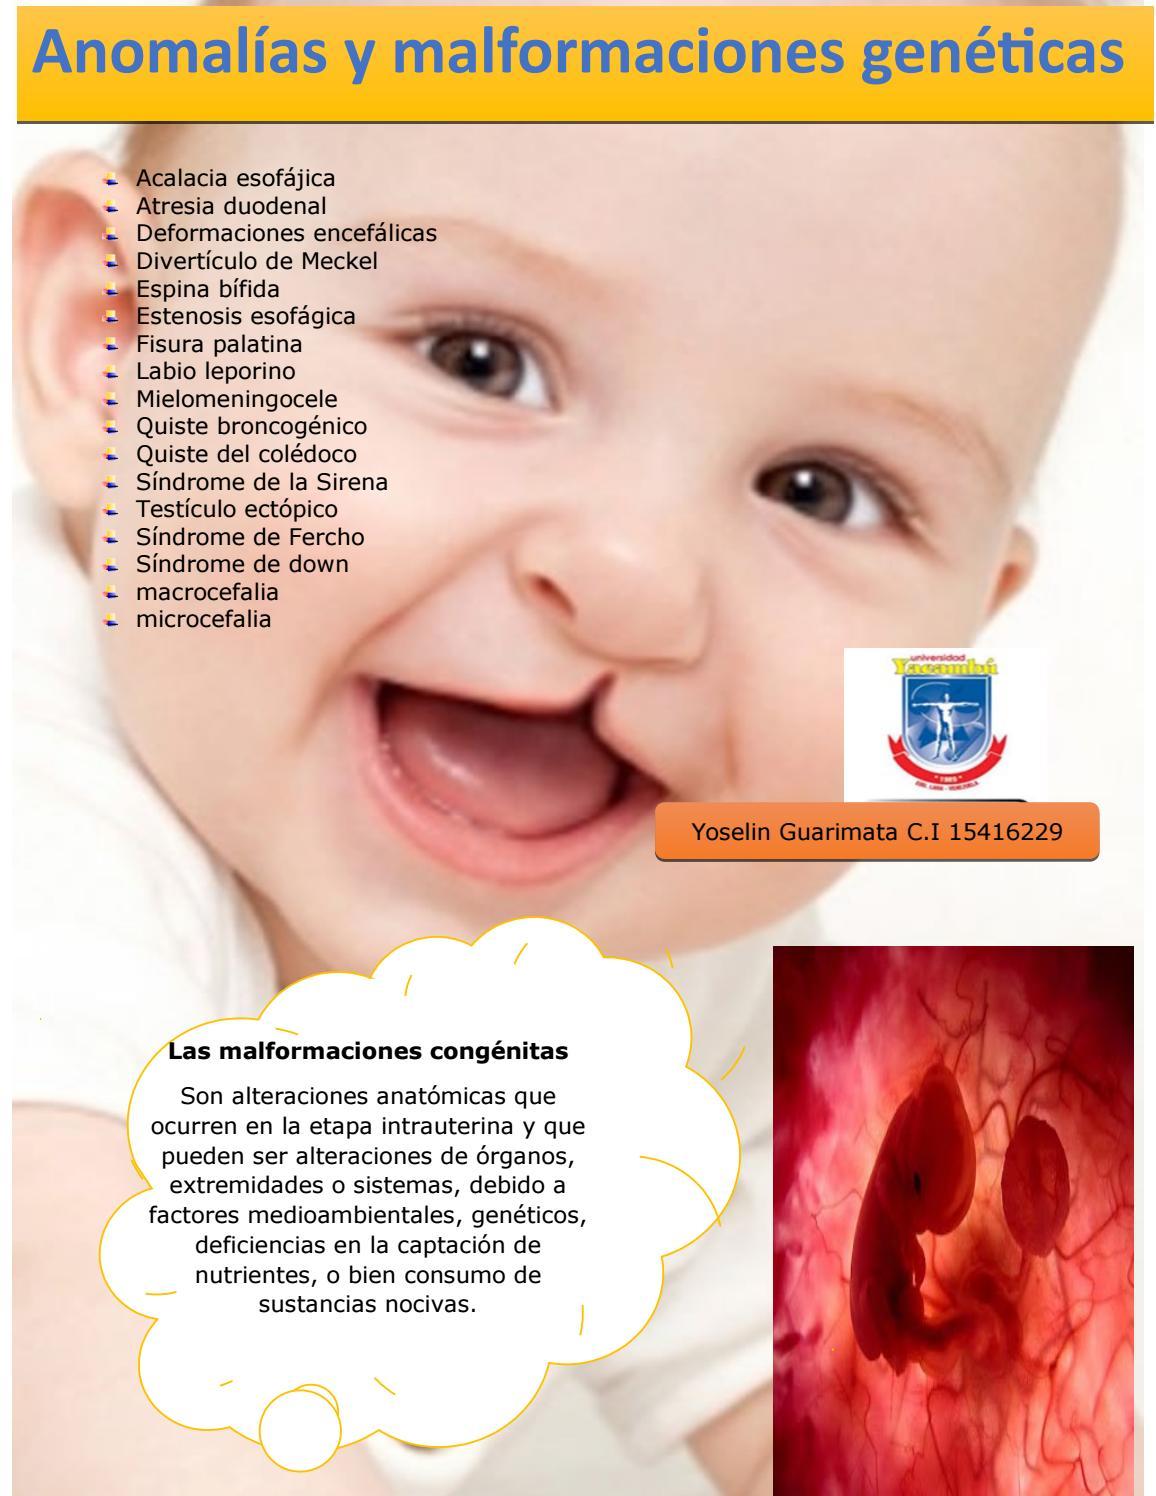 Anomalías y malformaciones genéticas by yoselin - issuu